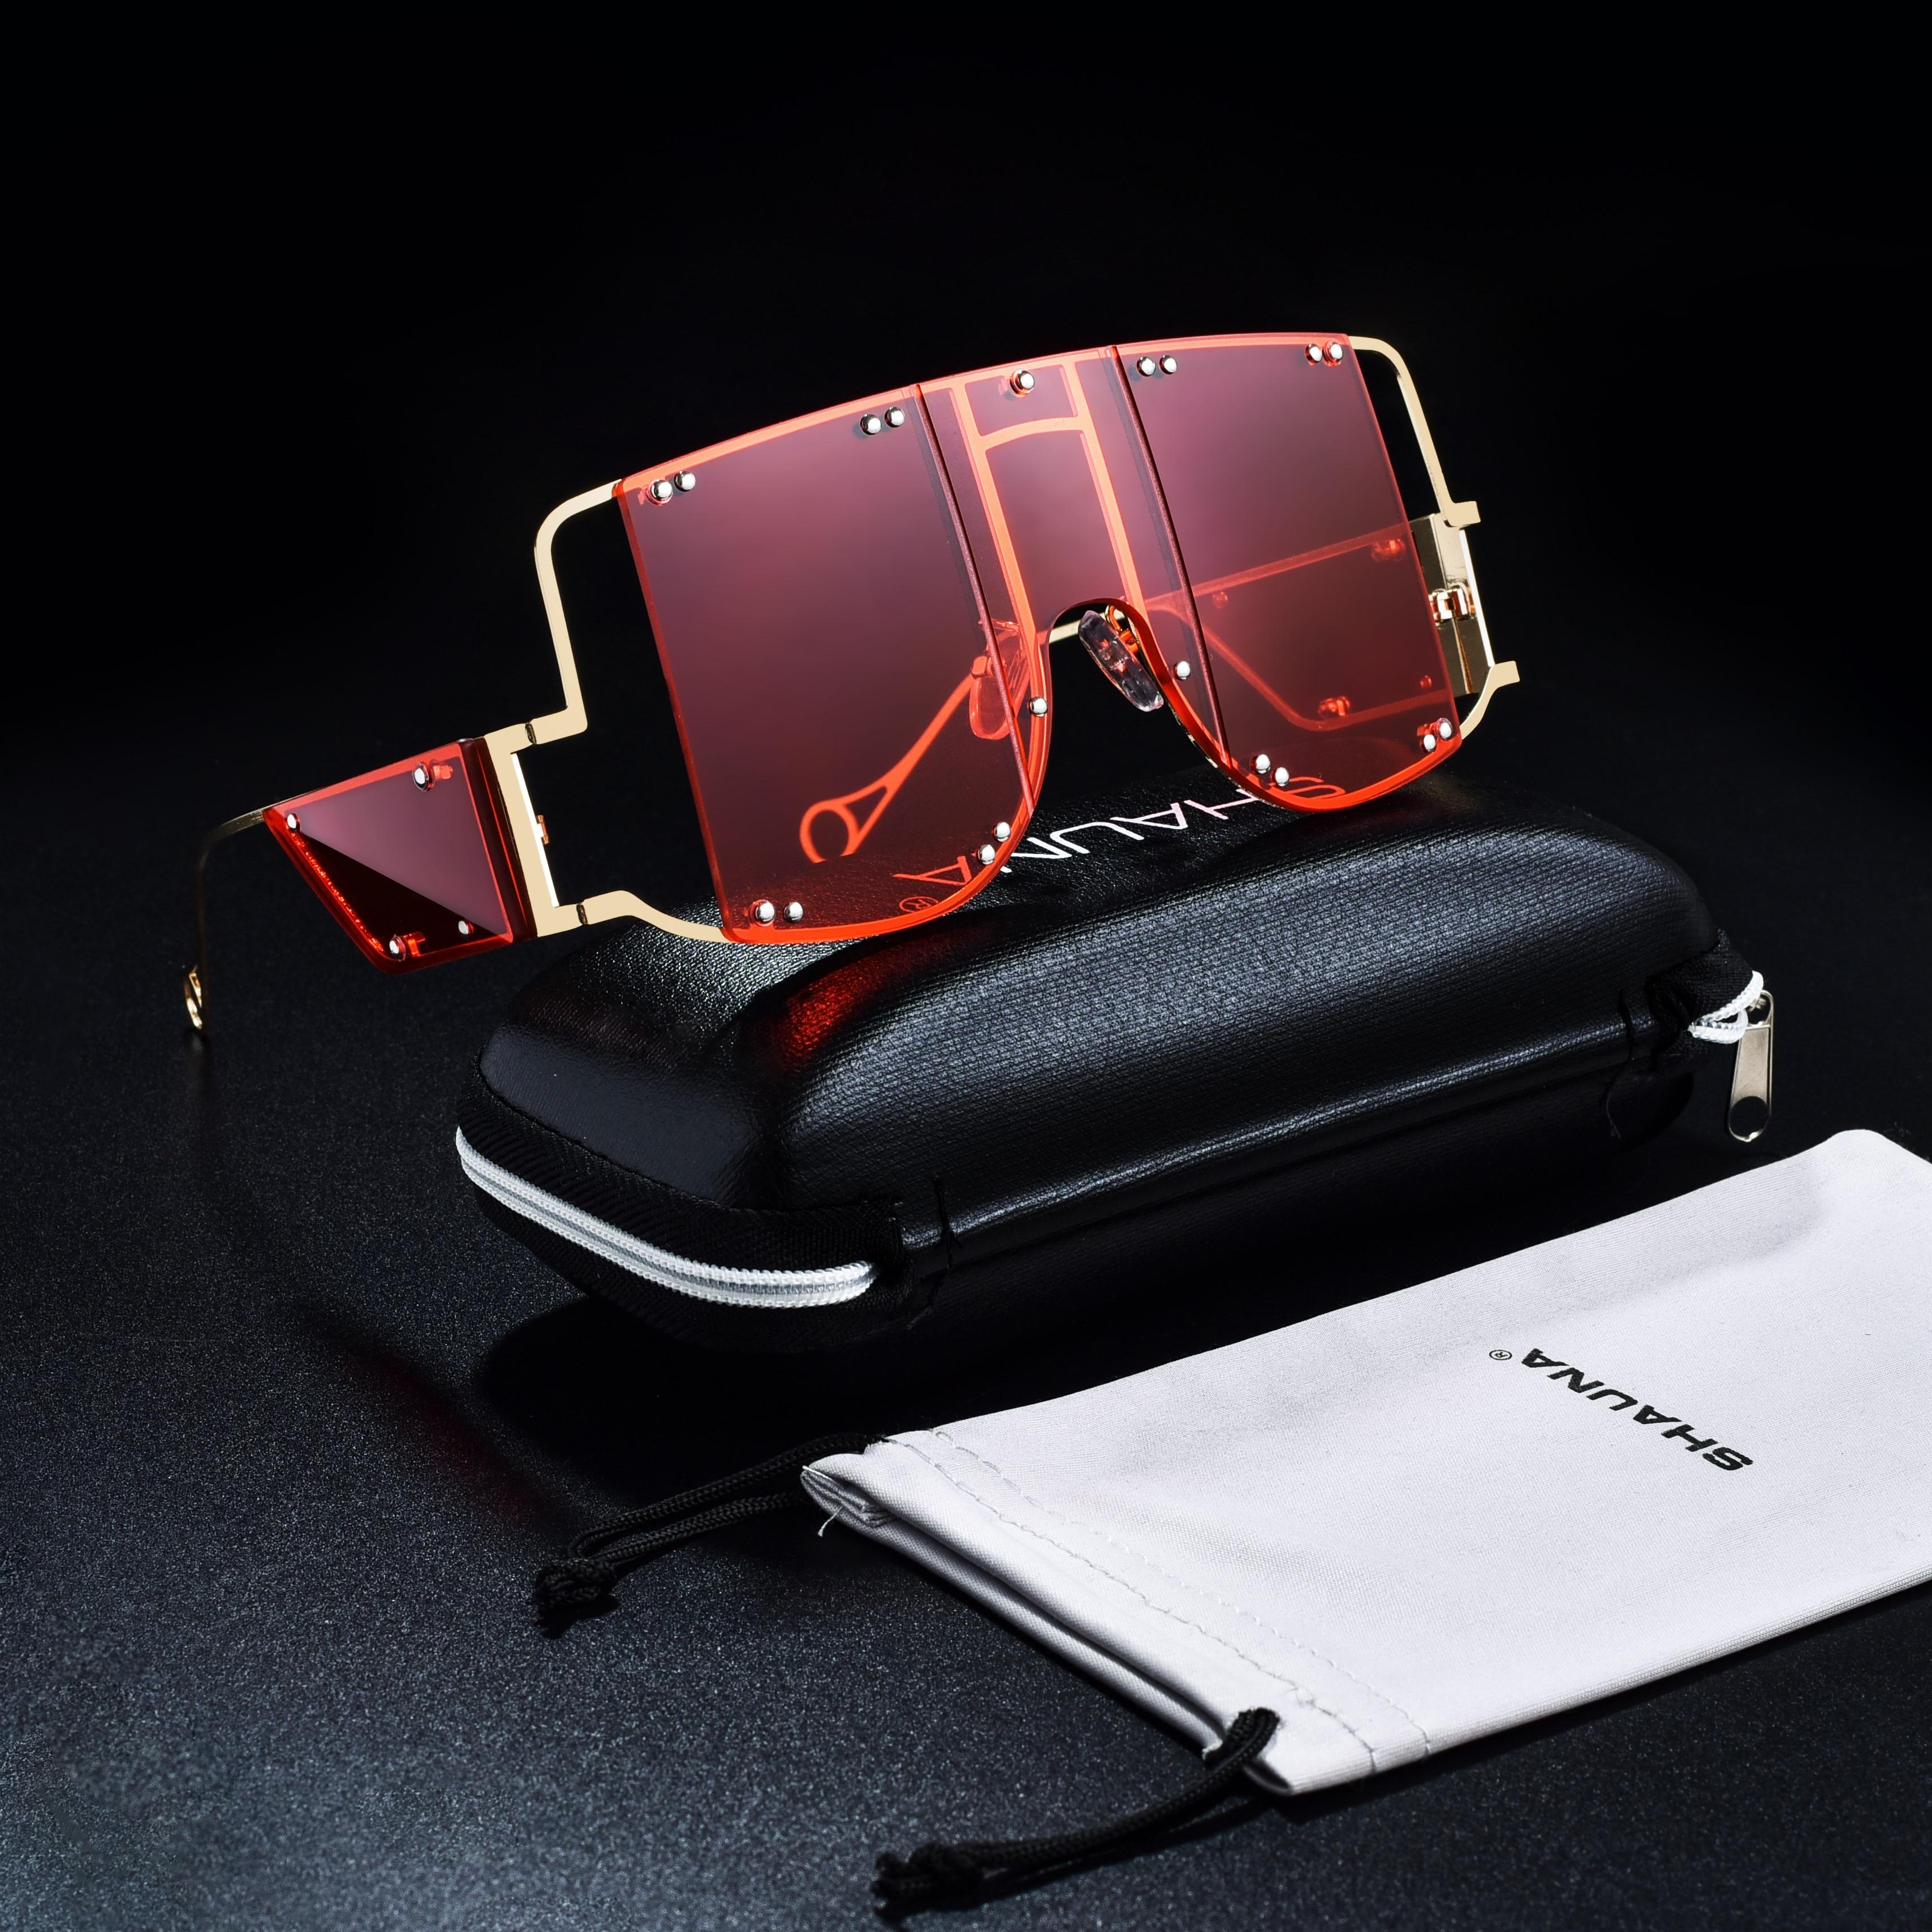 SHAUNA moda damska ponadgabarytowe style Punk kwadratowe okulary fajne unikalne połączone odcień czerwony zielony obiektyw okulary odcień